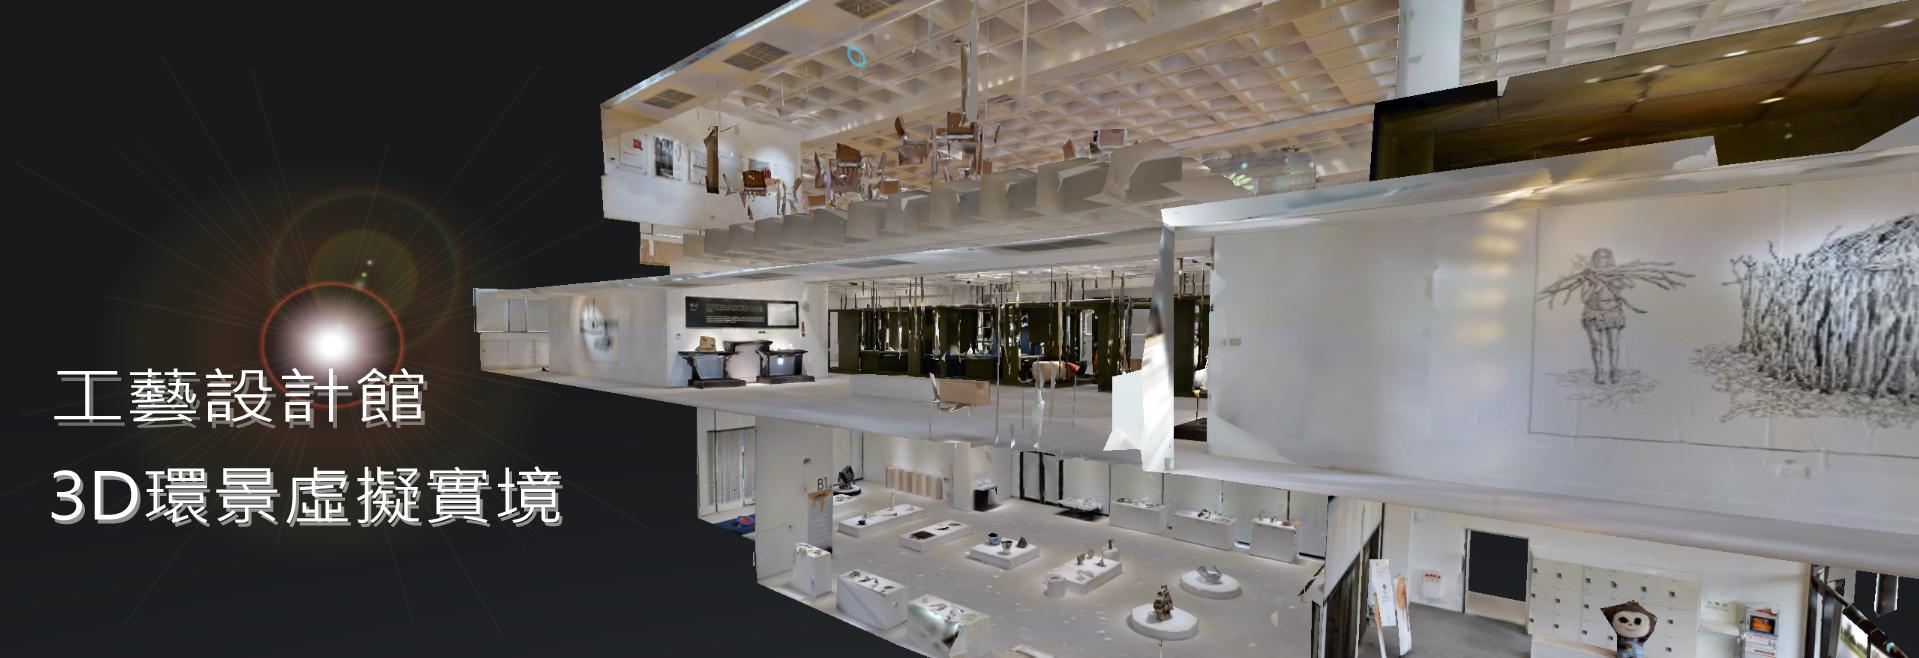 工藝設計館3D環景虛擬實境【另開視窗】